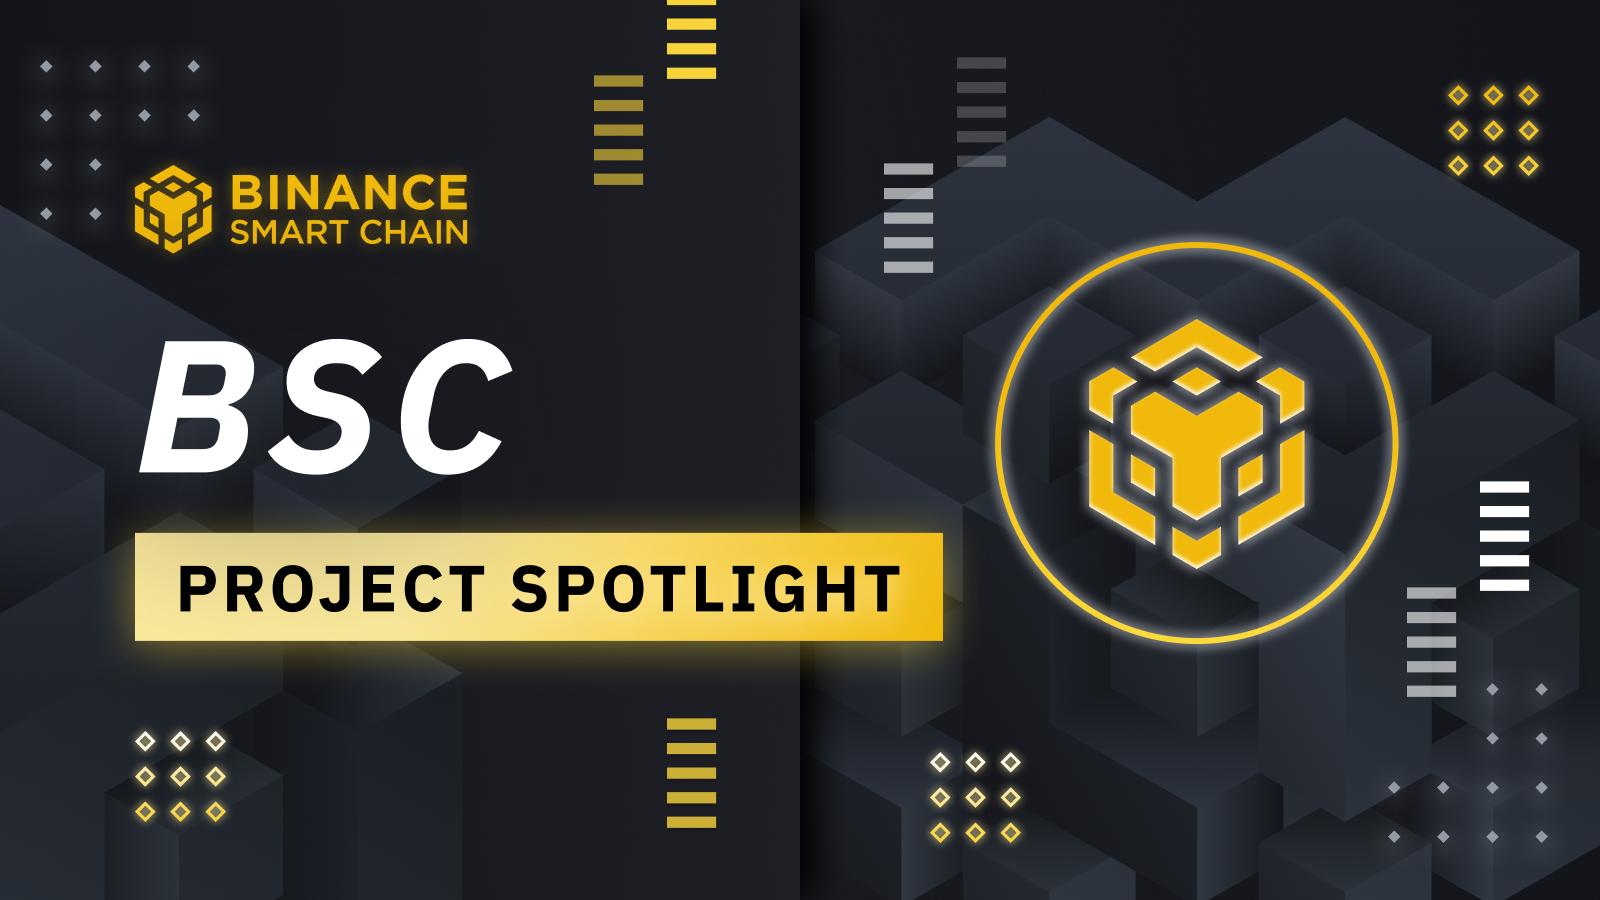 BSC 項目聚焦:BCA 網絡